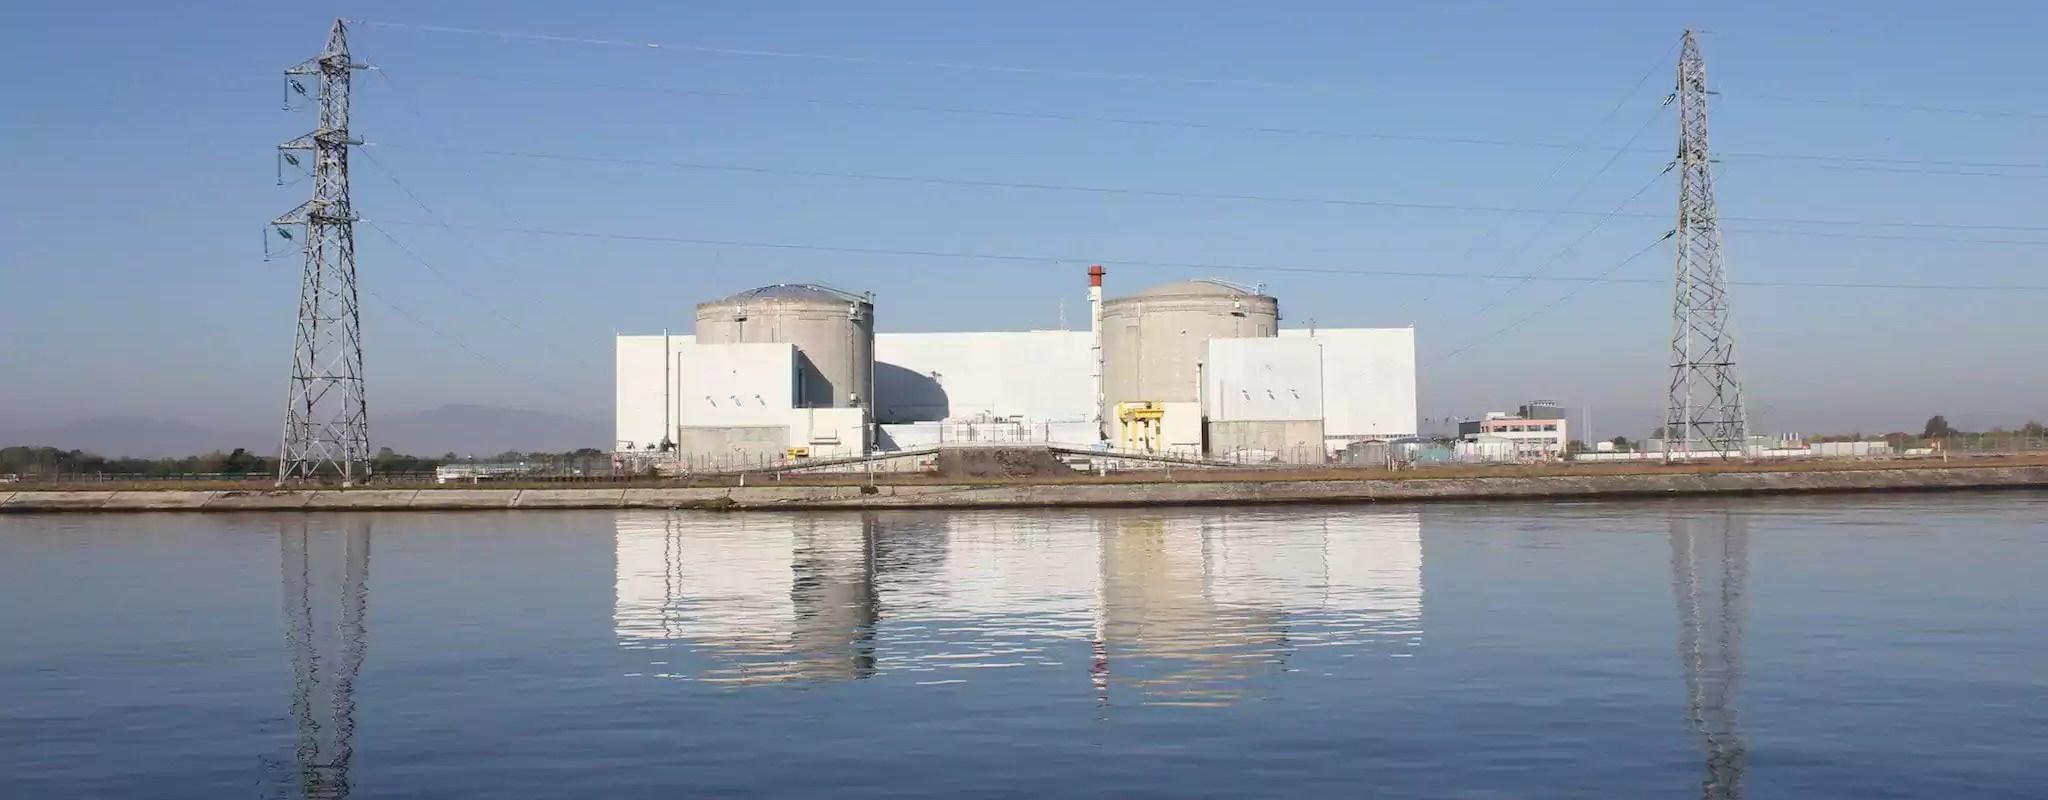 31 «événements précurseurs» à la centrale nucléaire de Fessenheim